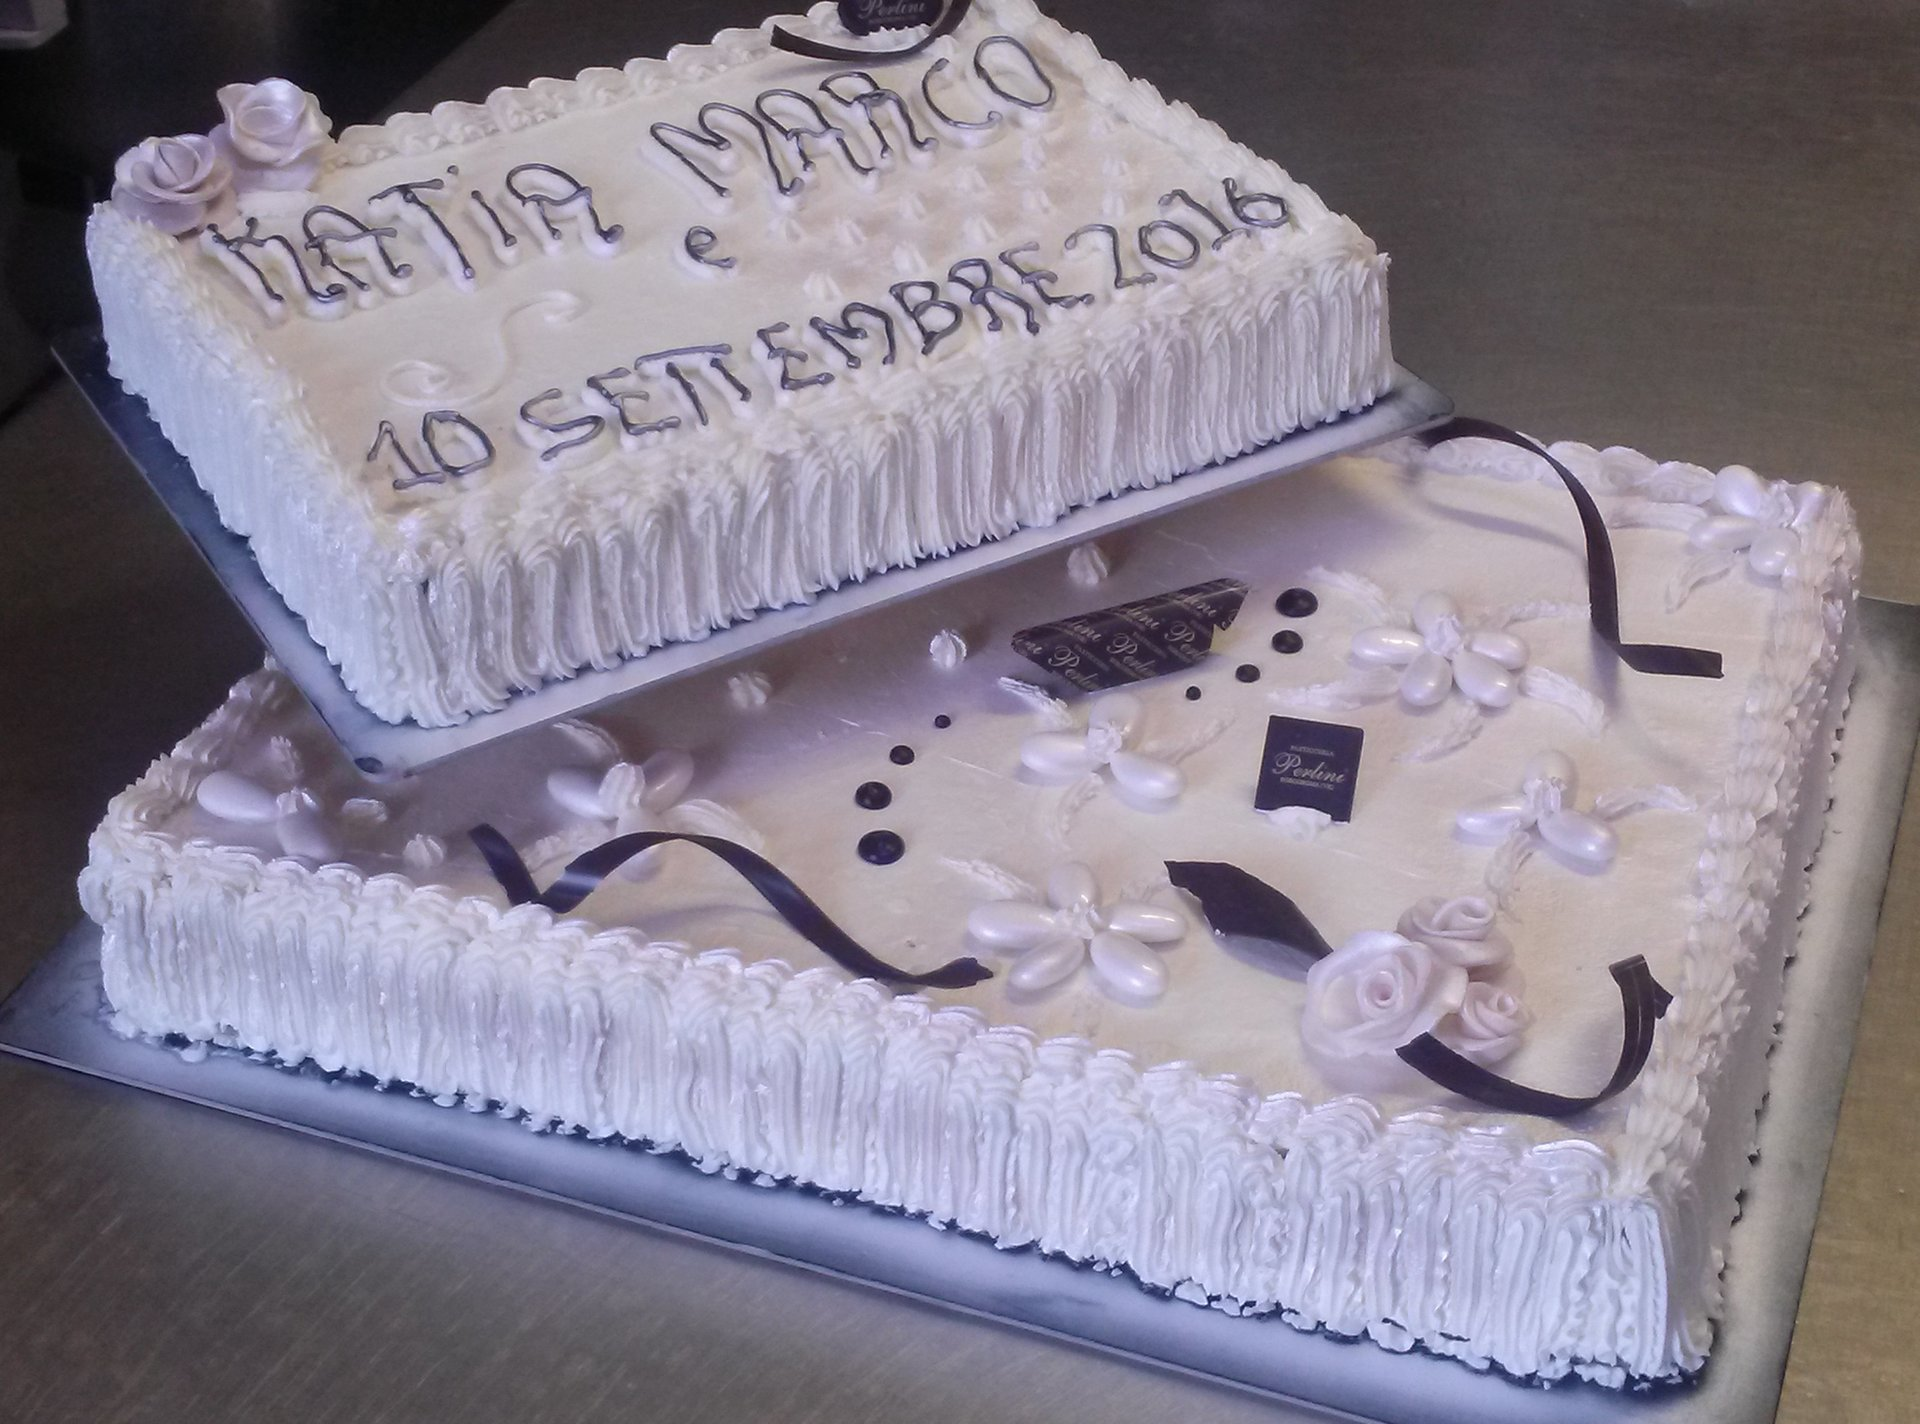 Originale torta nuziale rettangolare di due piani di crema e dettagli di cioccolato